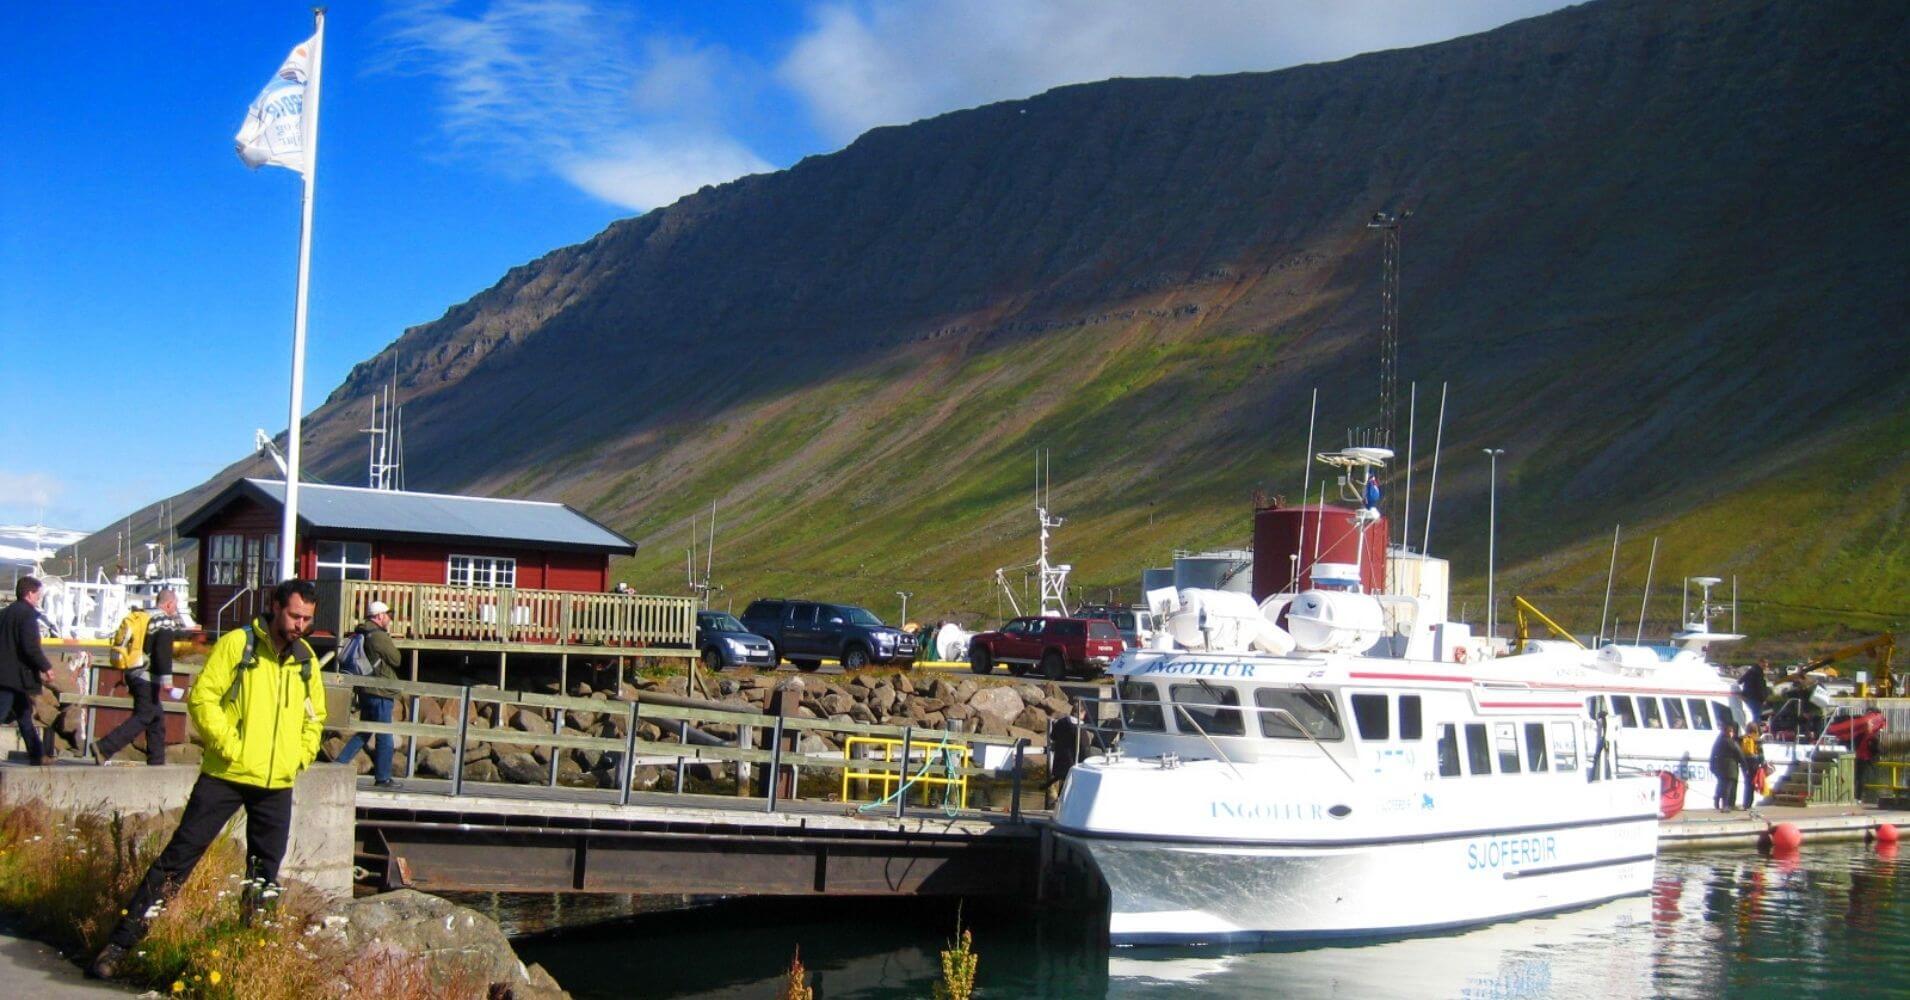 Puerto de Ísafjorður. Vestfirðir en Islandia.